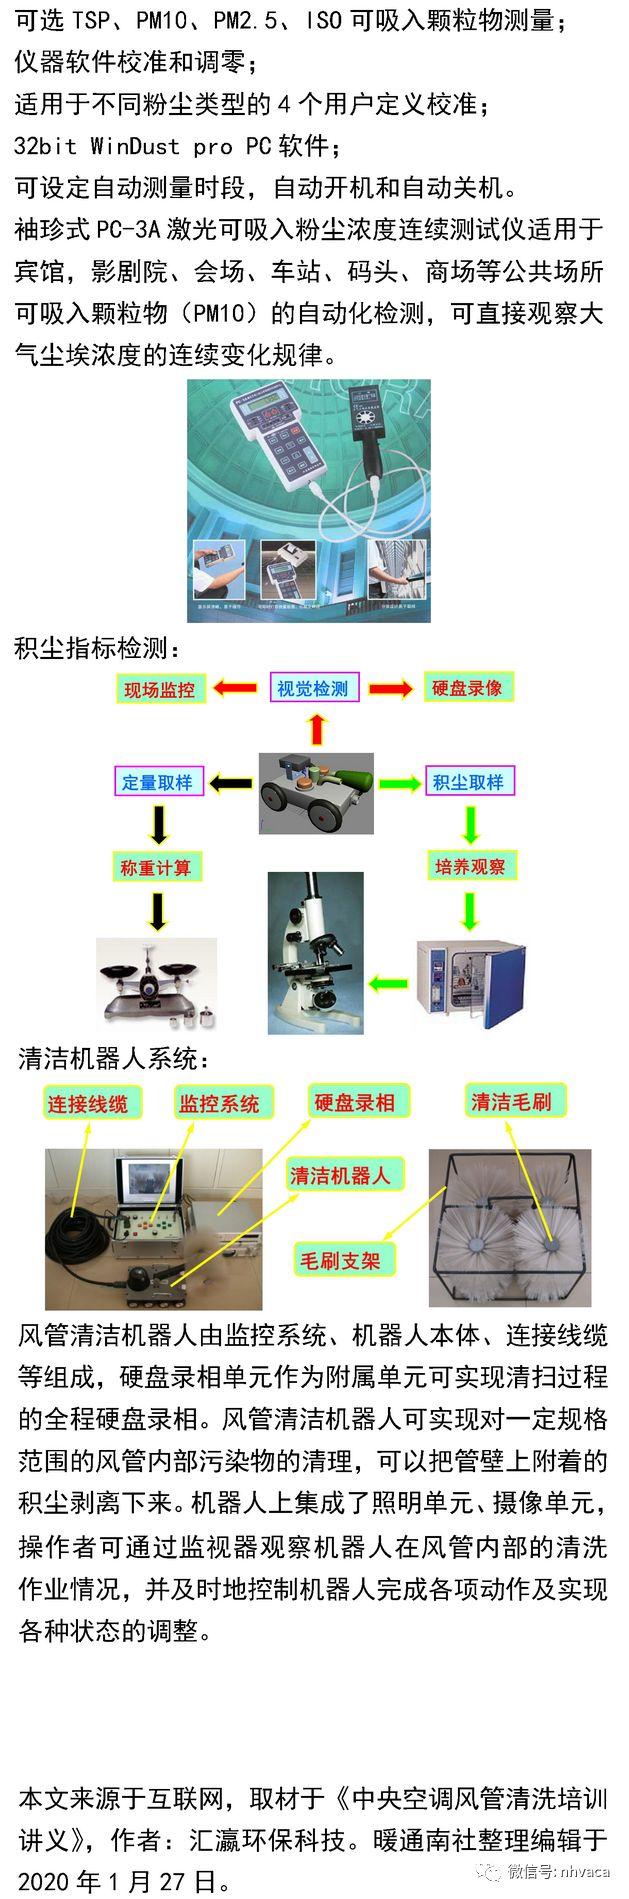 中央空调与风管系统清洗实操_11